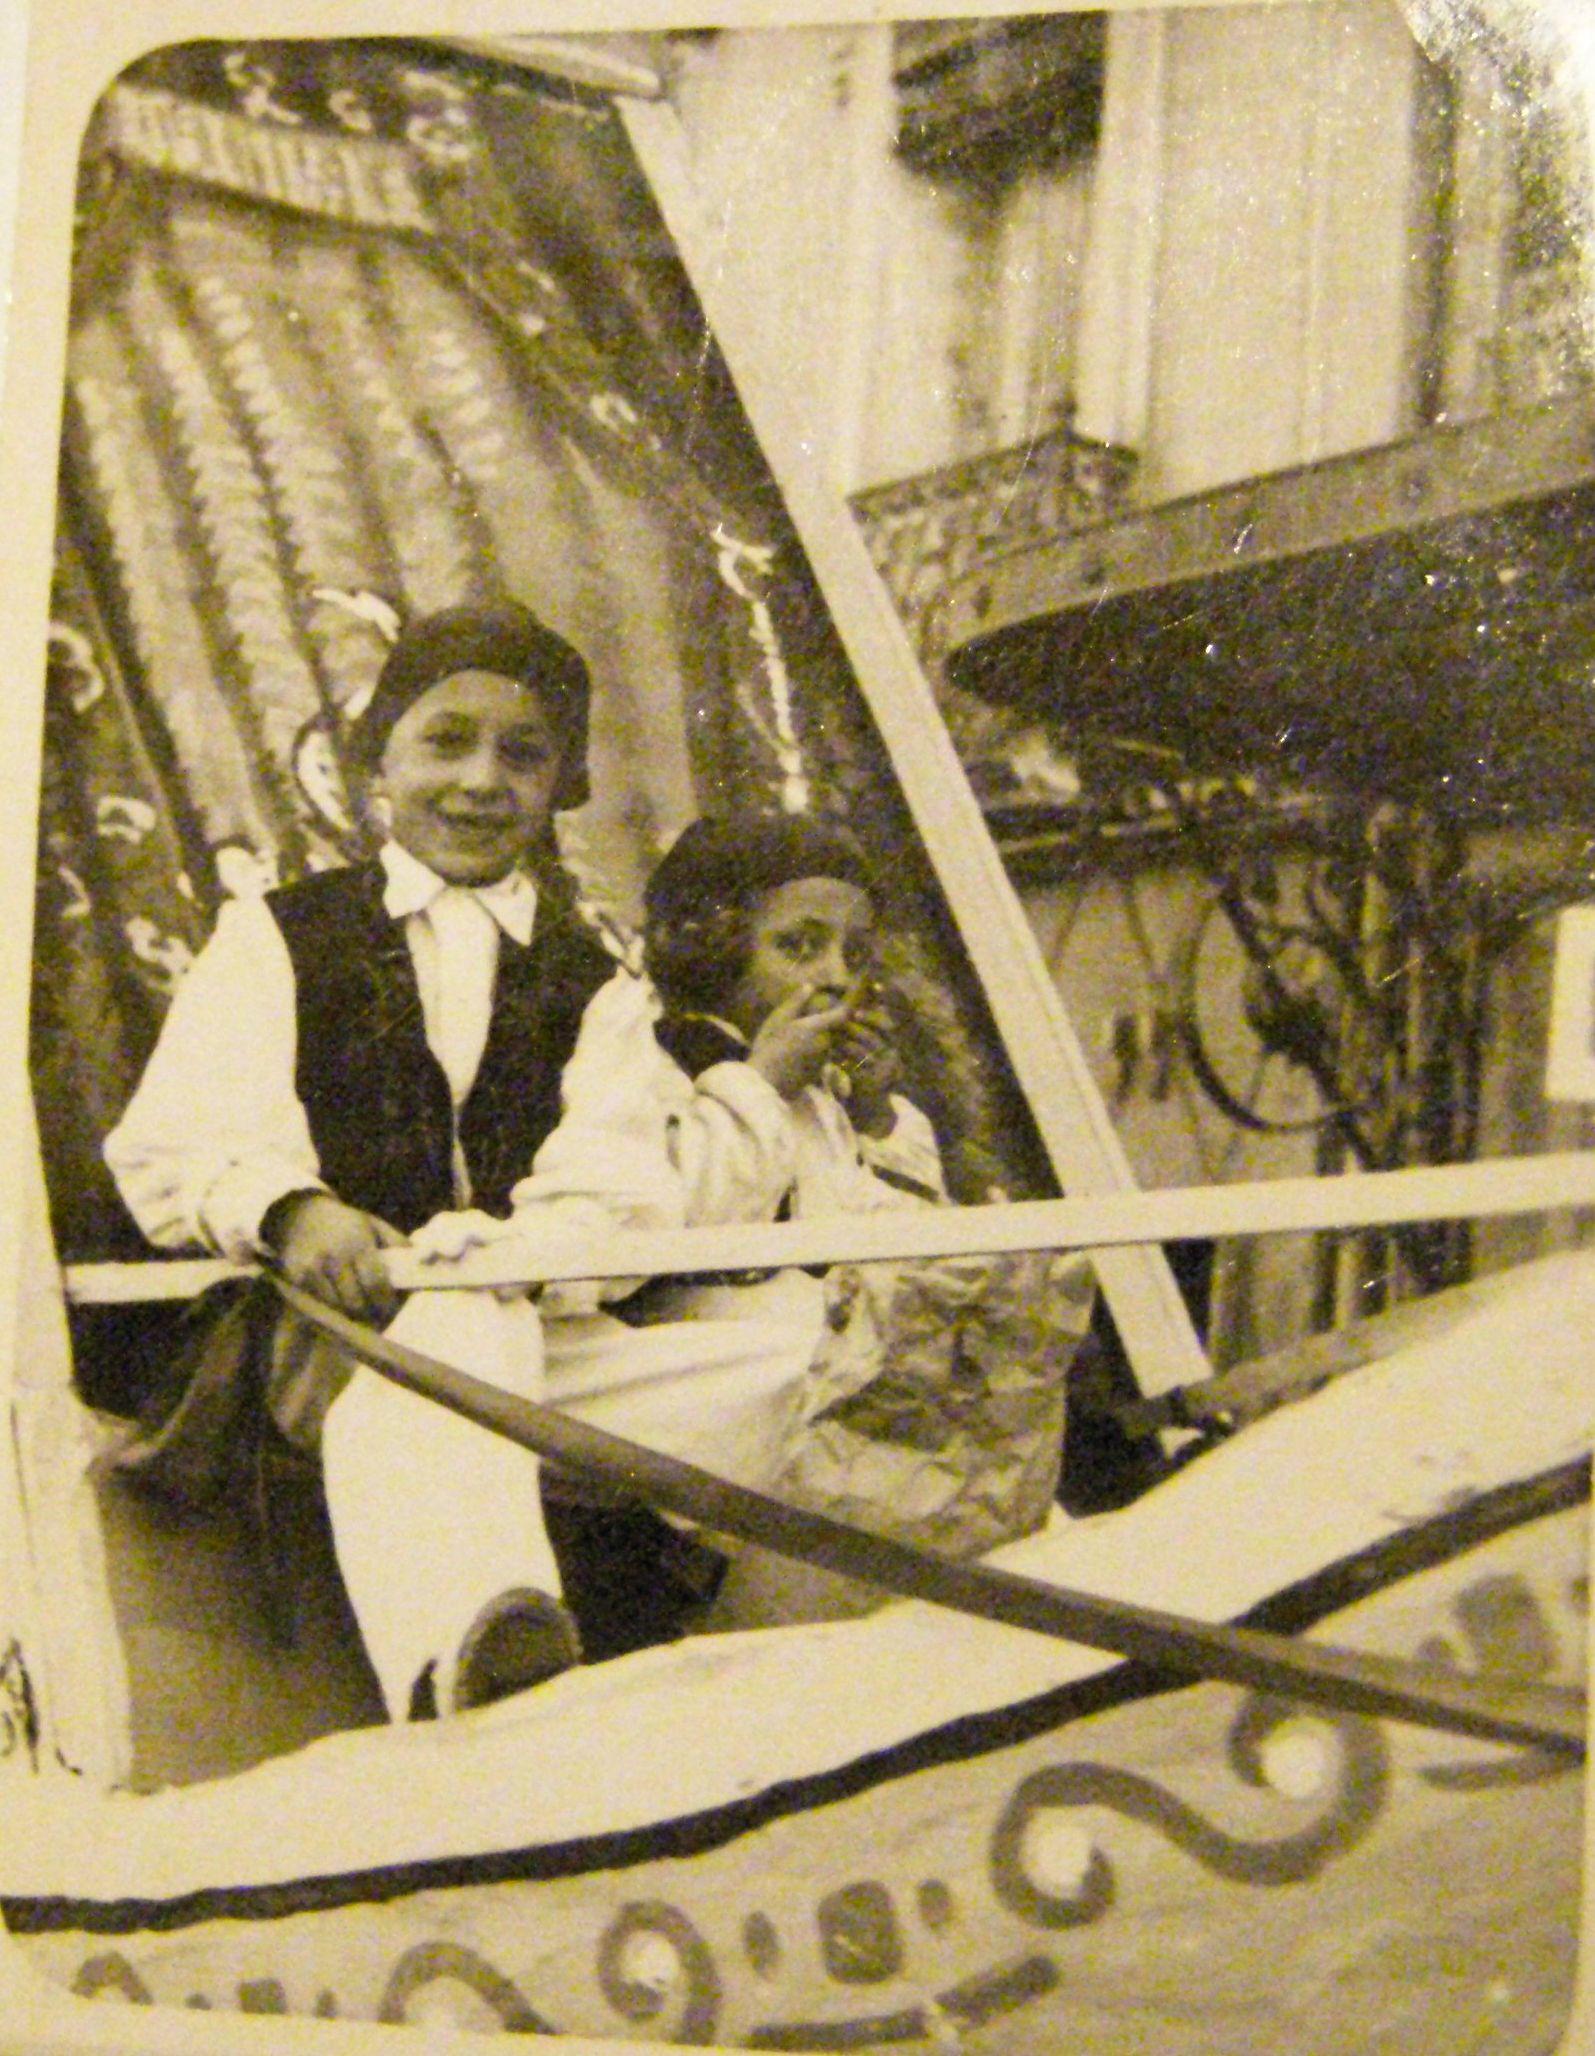 1950 baudou j et j (2).JPG